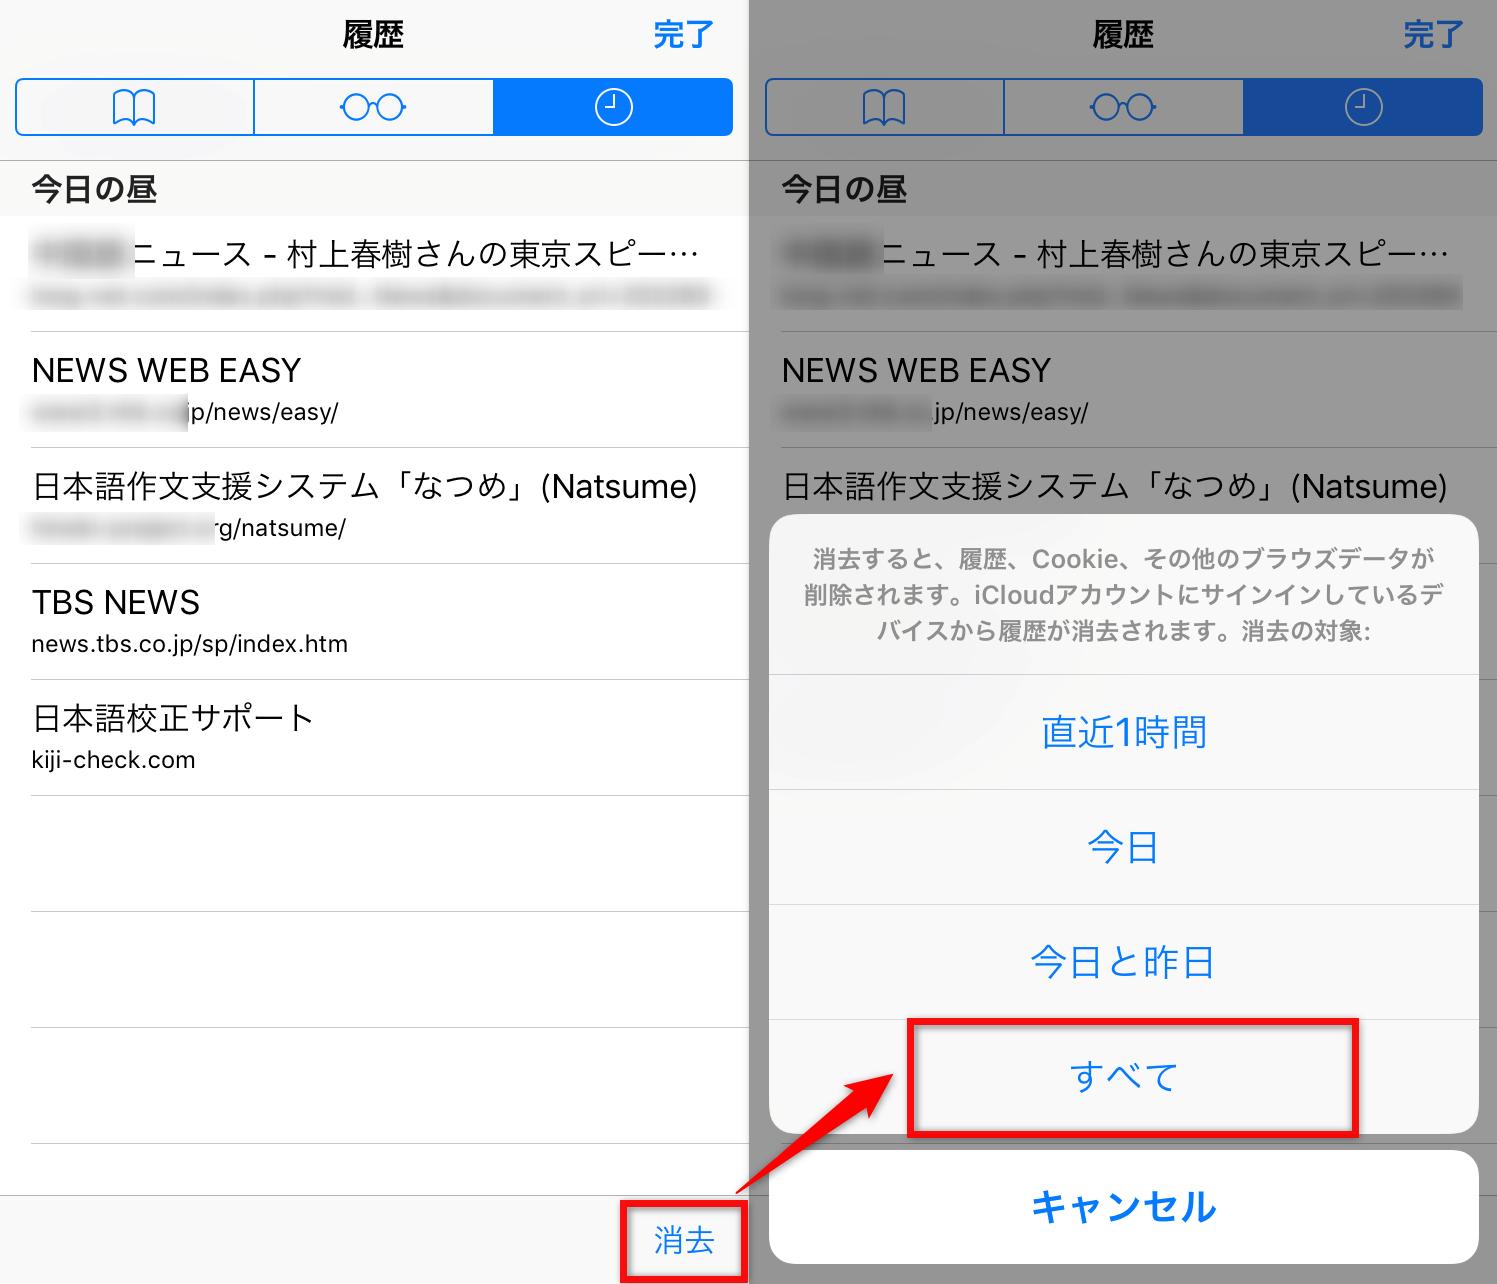 iOS 12端末(iPhone X/8/7/6s/6/5s) - Safariの提案機能が動作しない